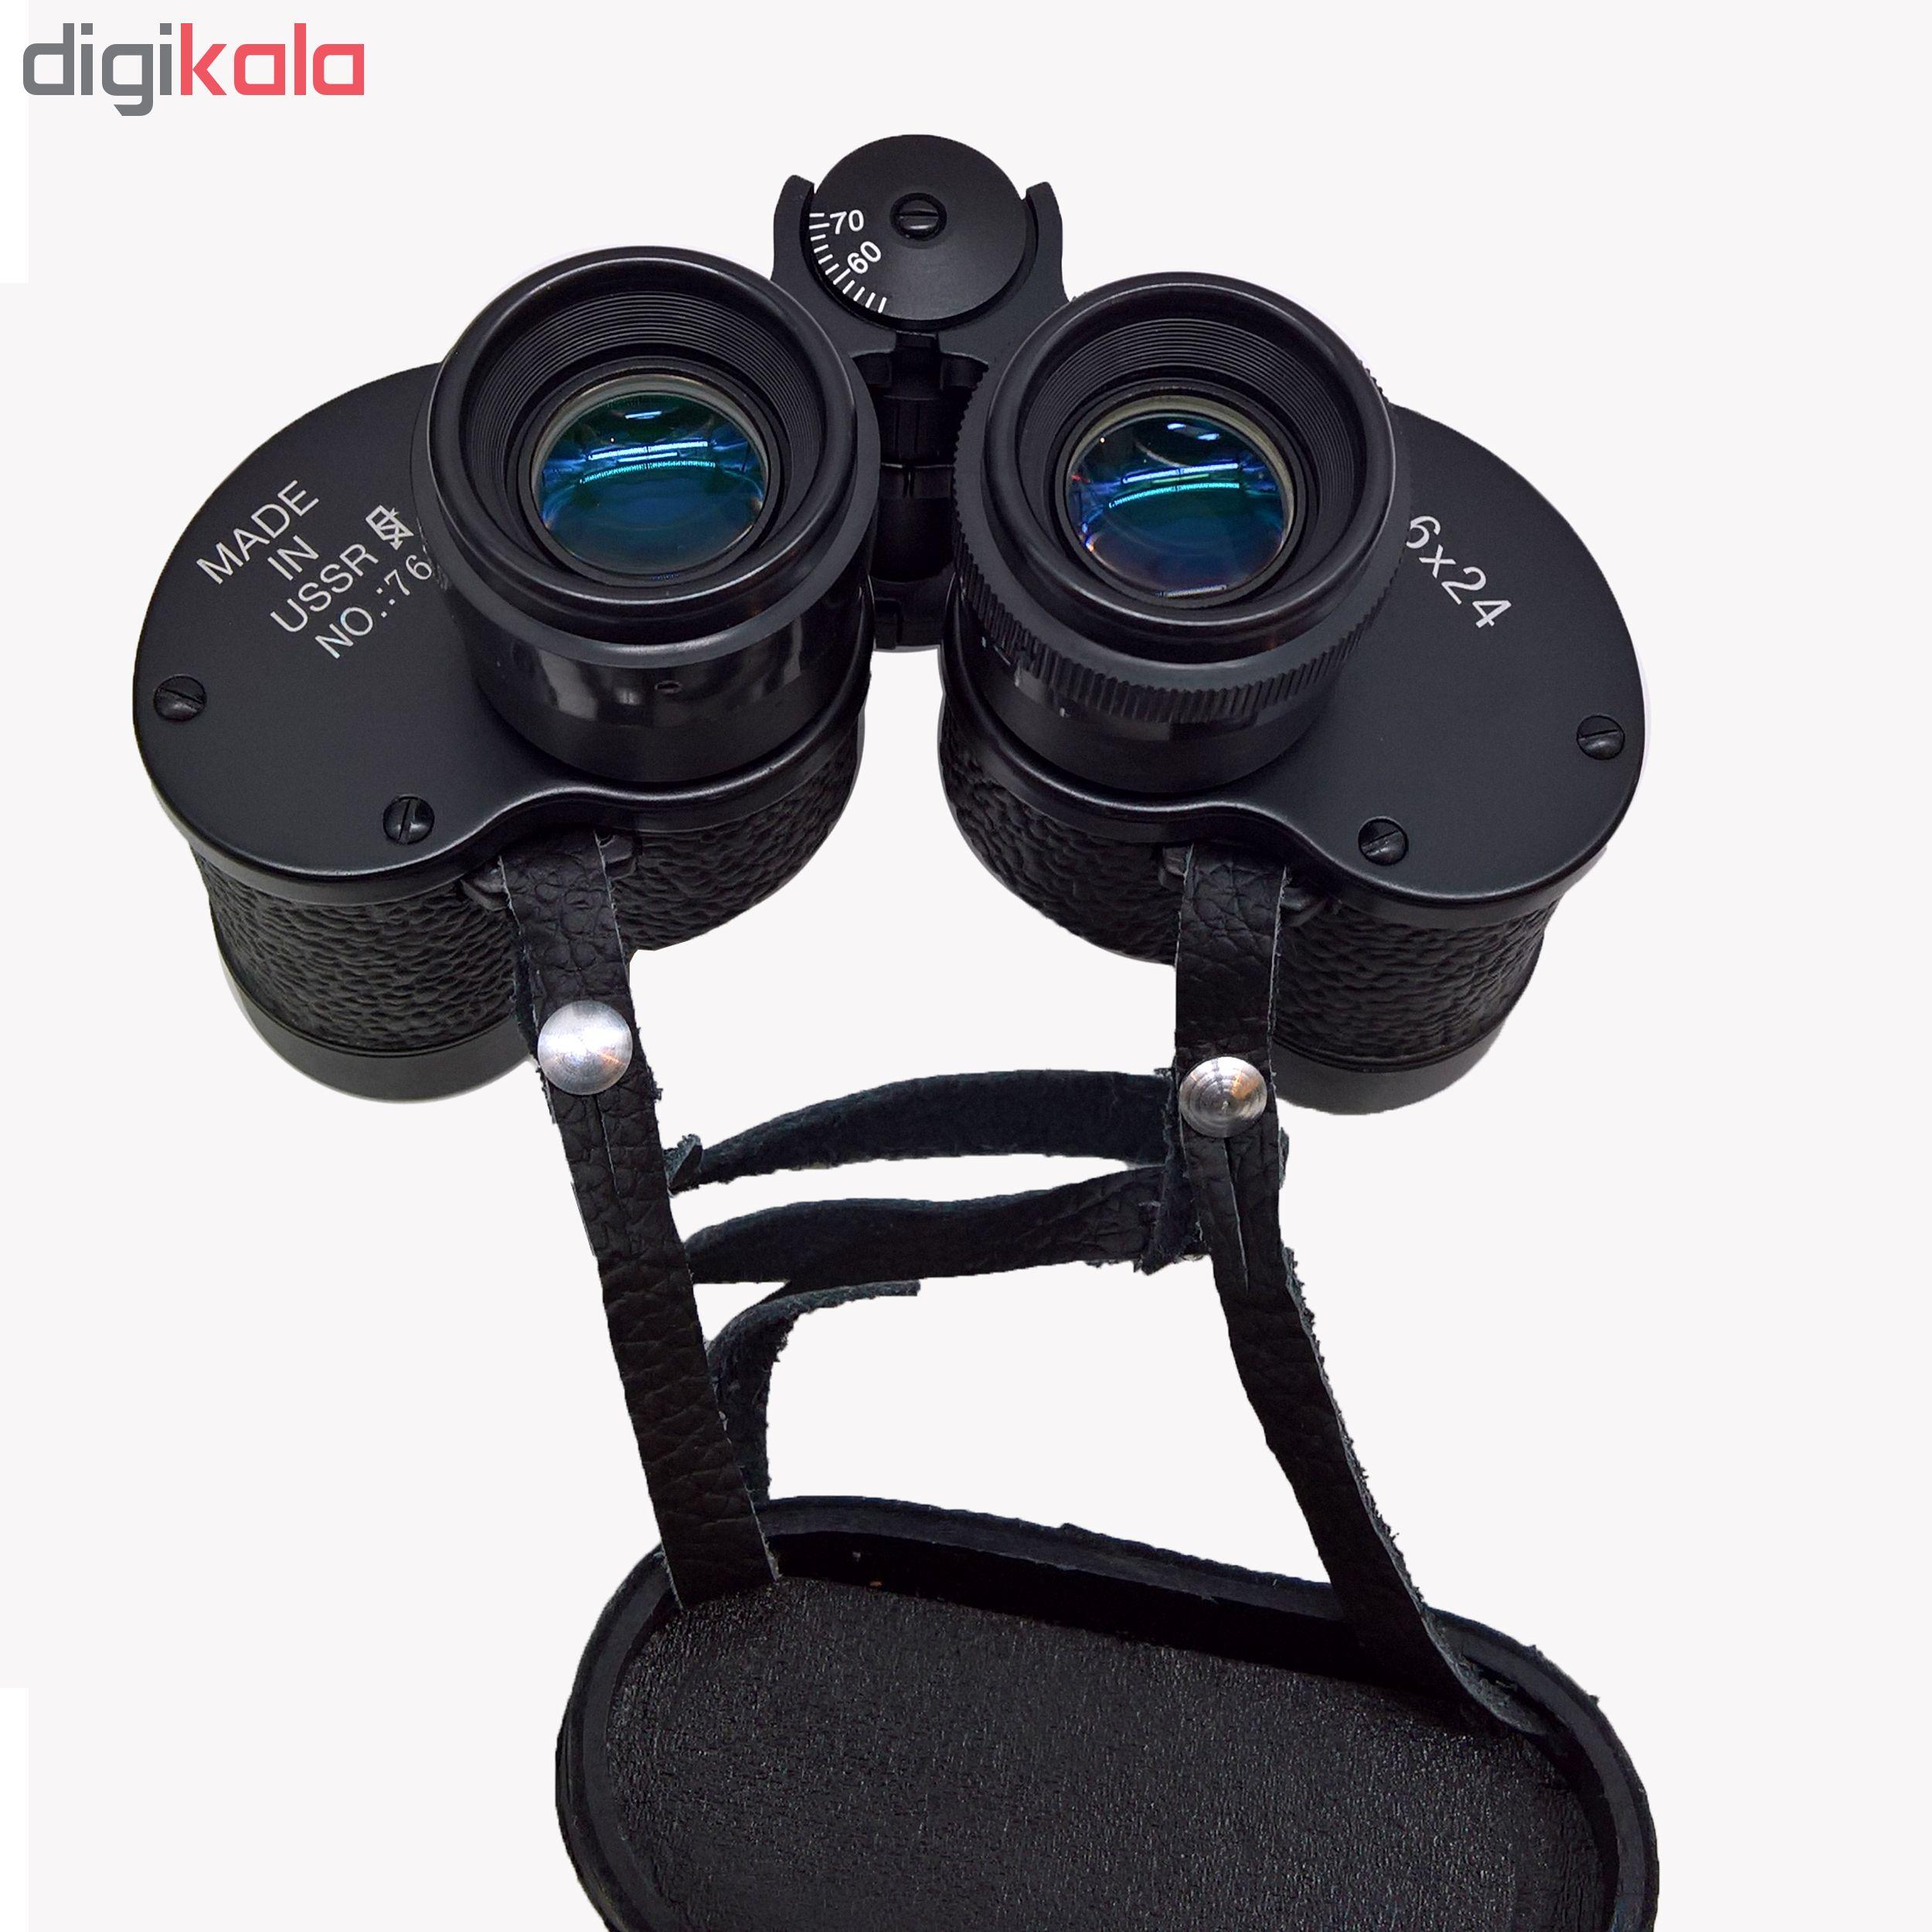 دوربین دو چشمی یو اس اس آر مدل 24×6 762757U